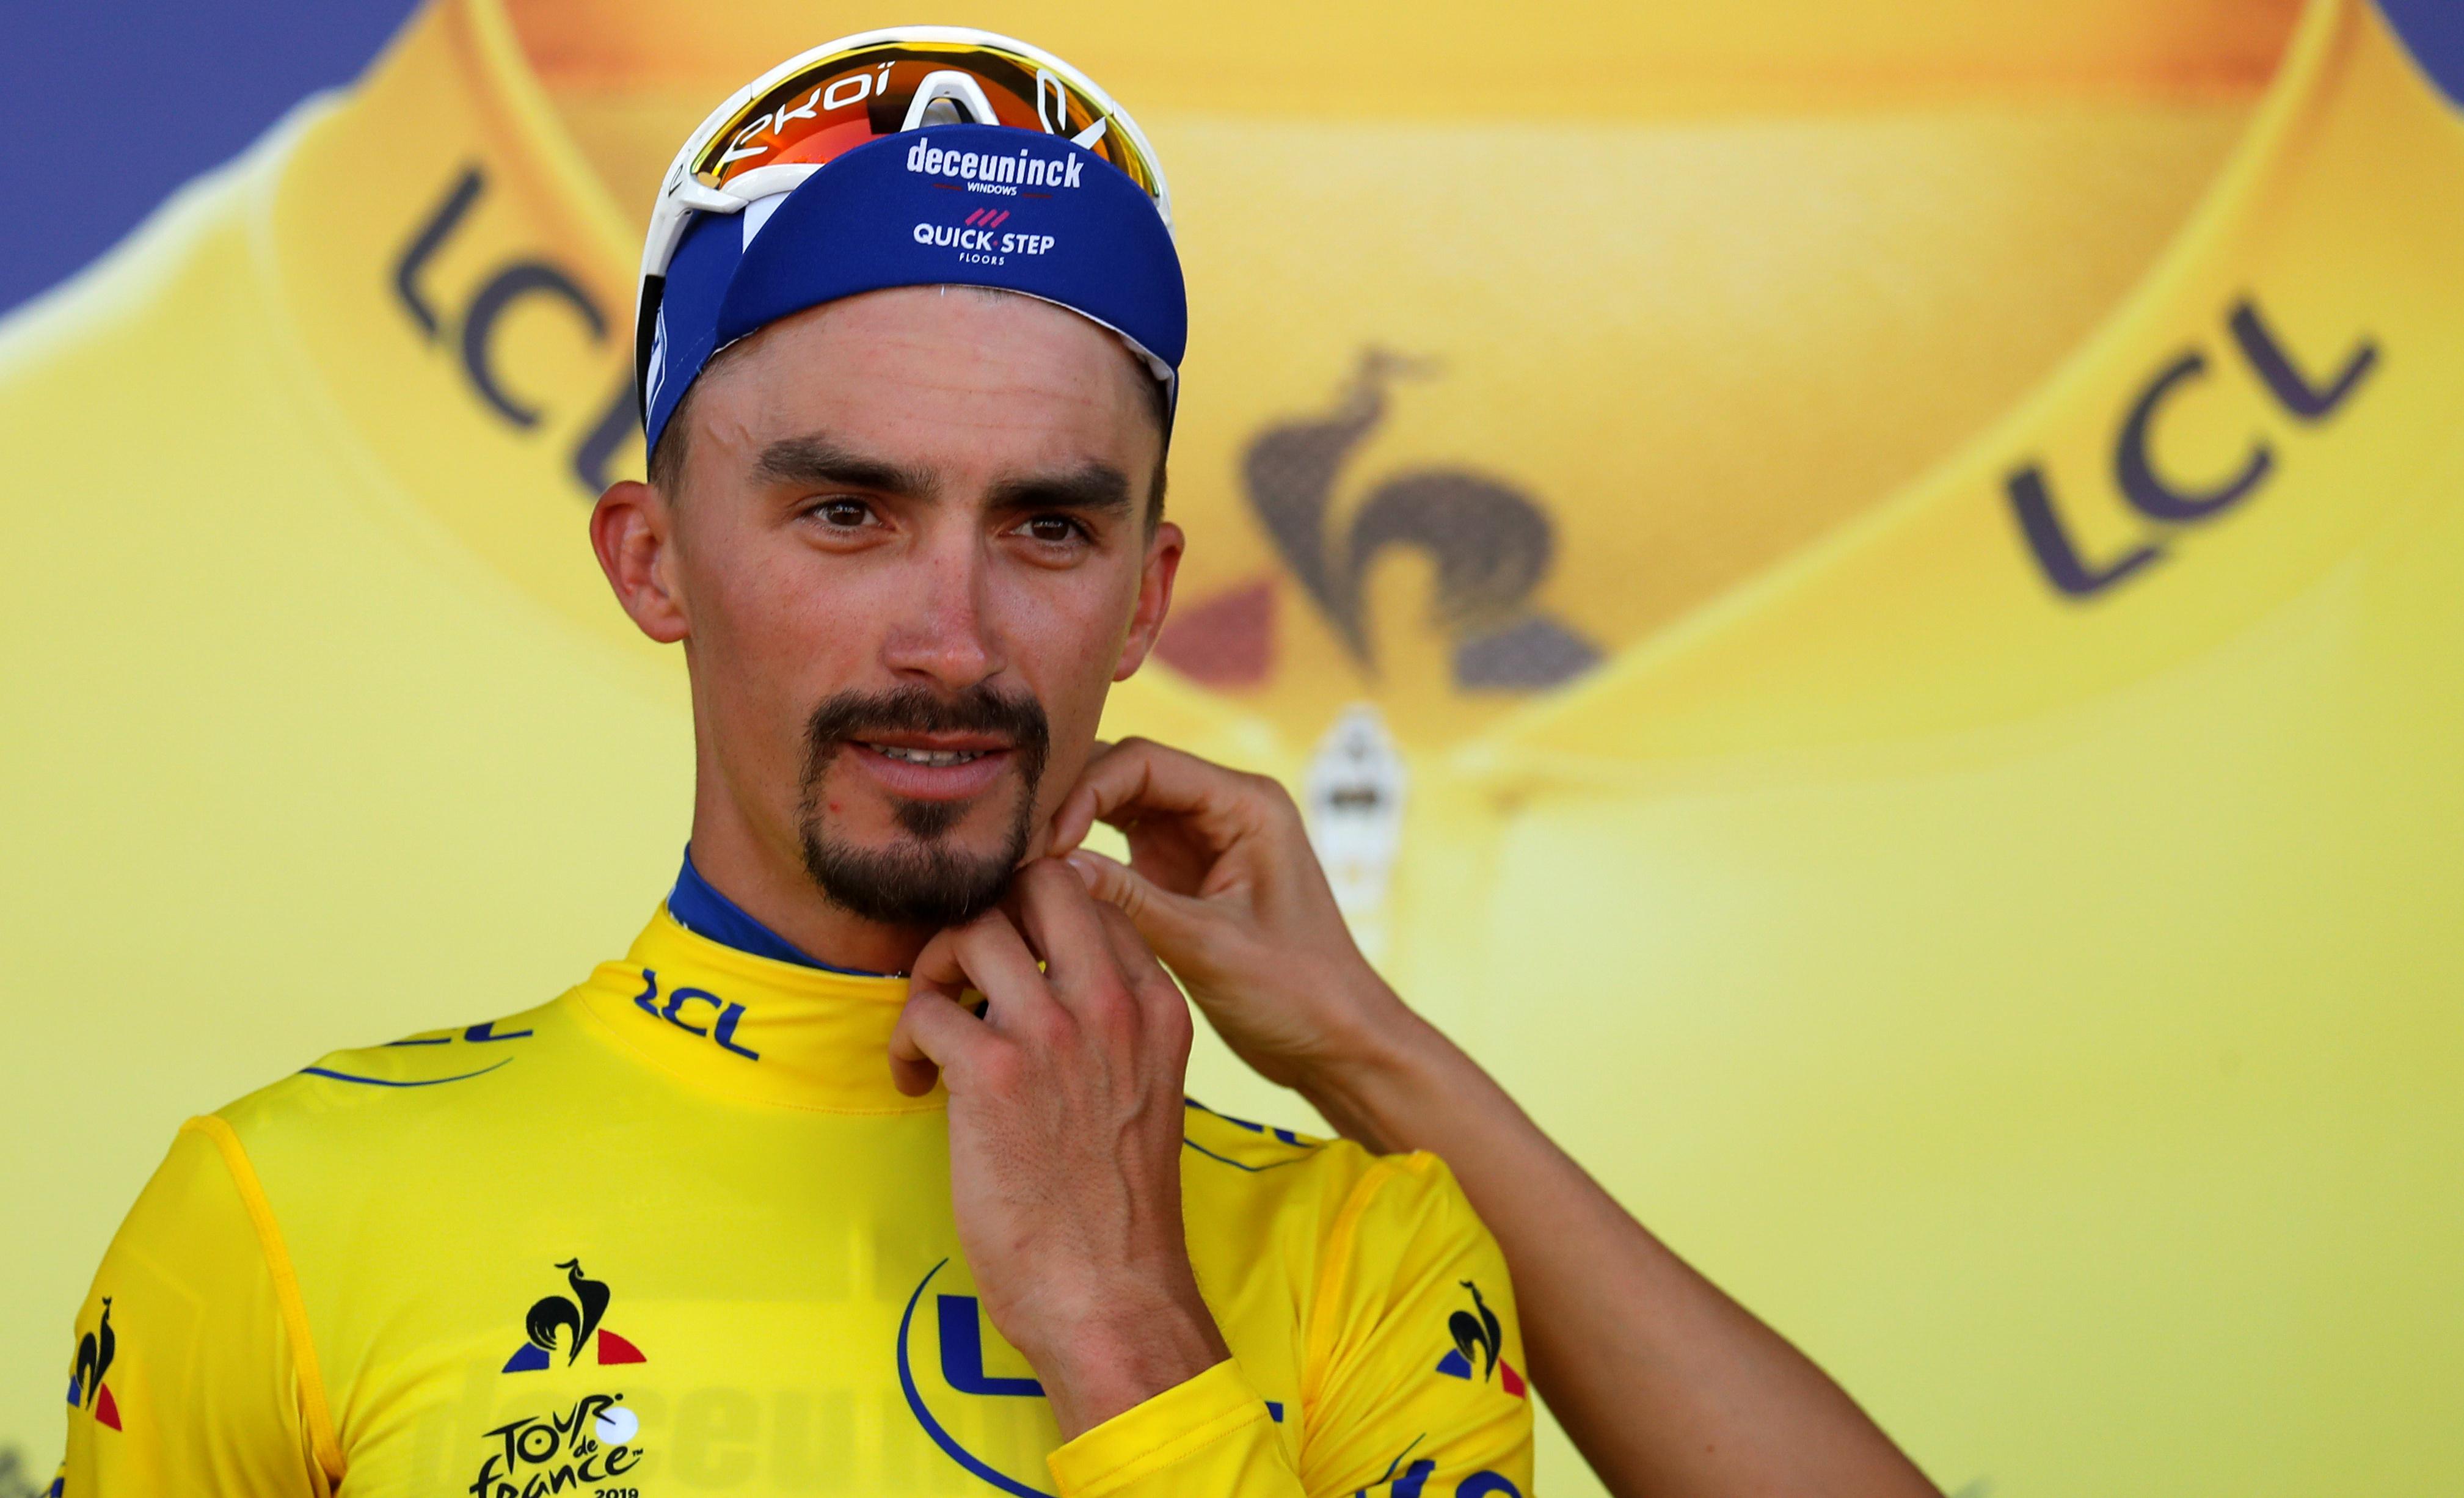 Cyclisme - Tour de France - Julian Alaphilippe, déjà tourné vers La Planche des Belles Filles : «Ça fera mal»